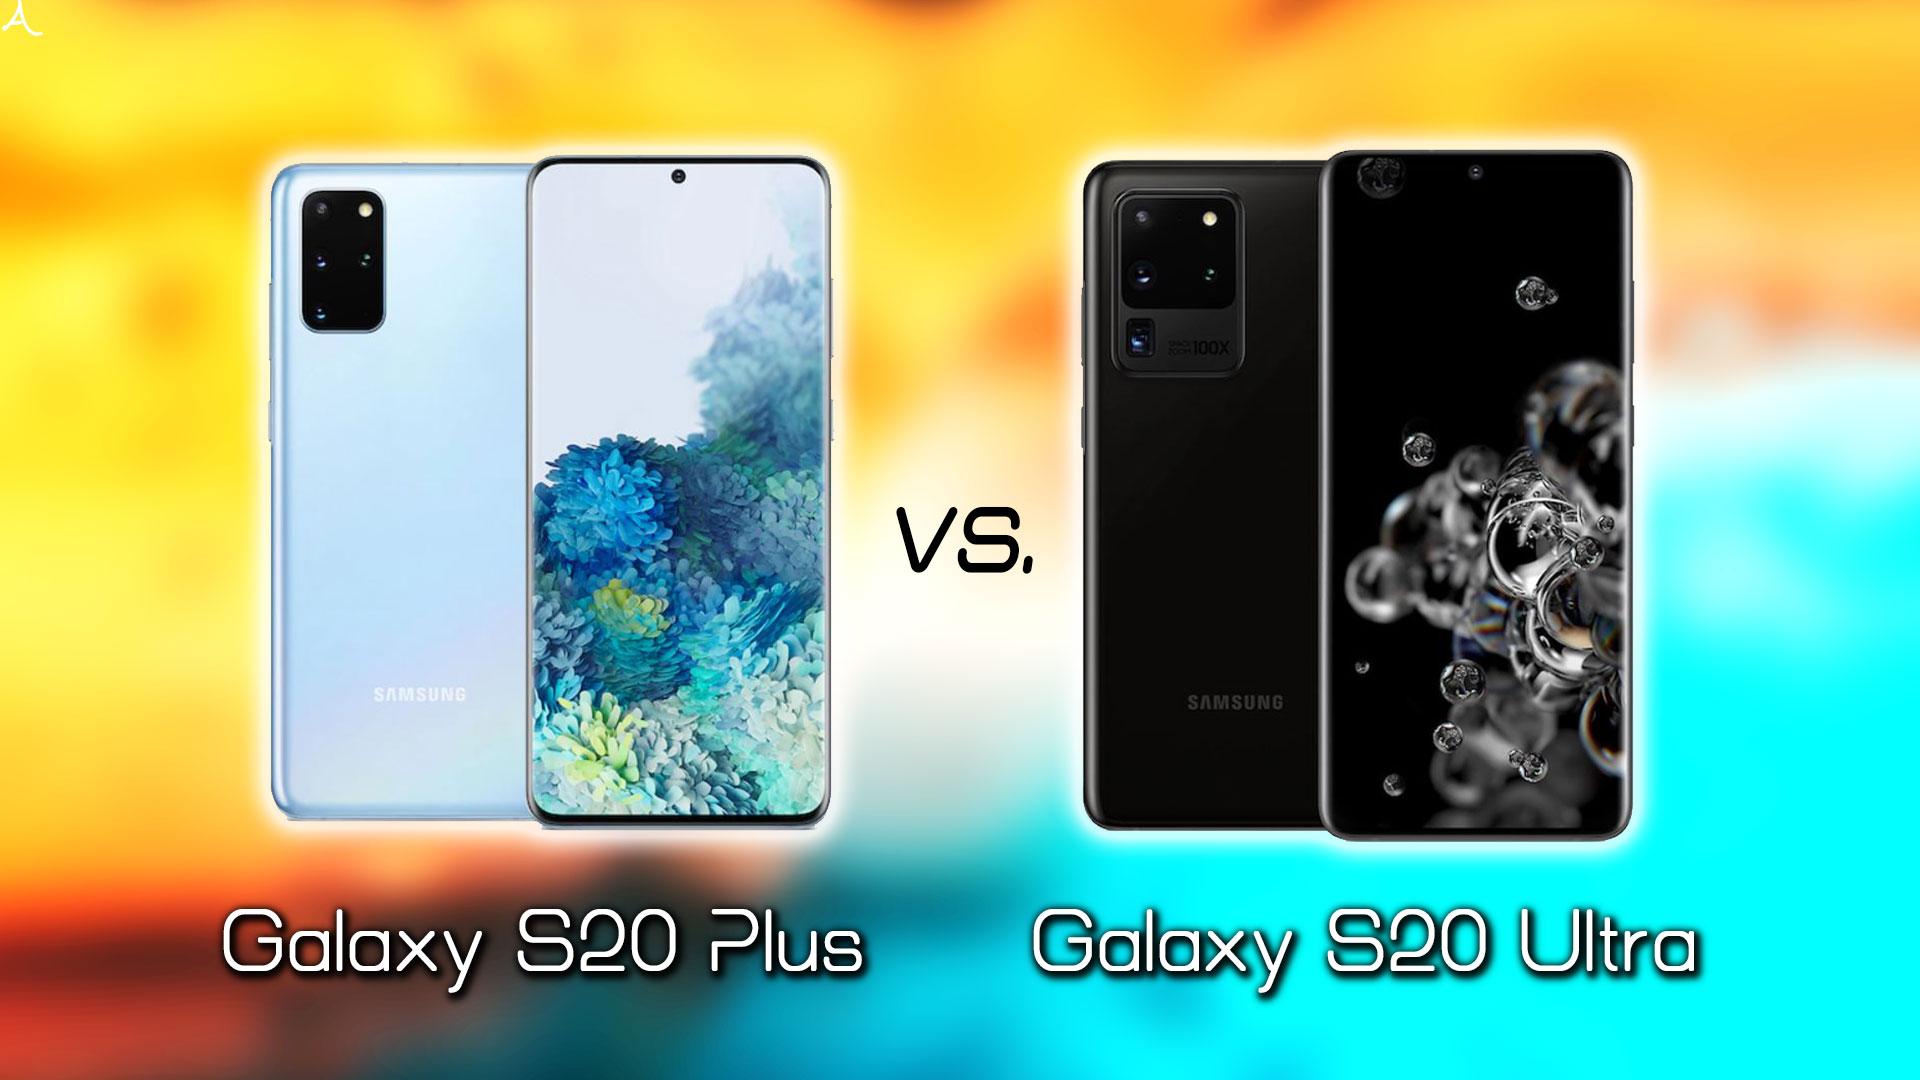 「Galaxy S20+(プラス)」と「Galaxy S20 Ultra」の違いを比較:どっちを買う?